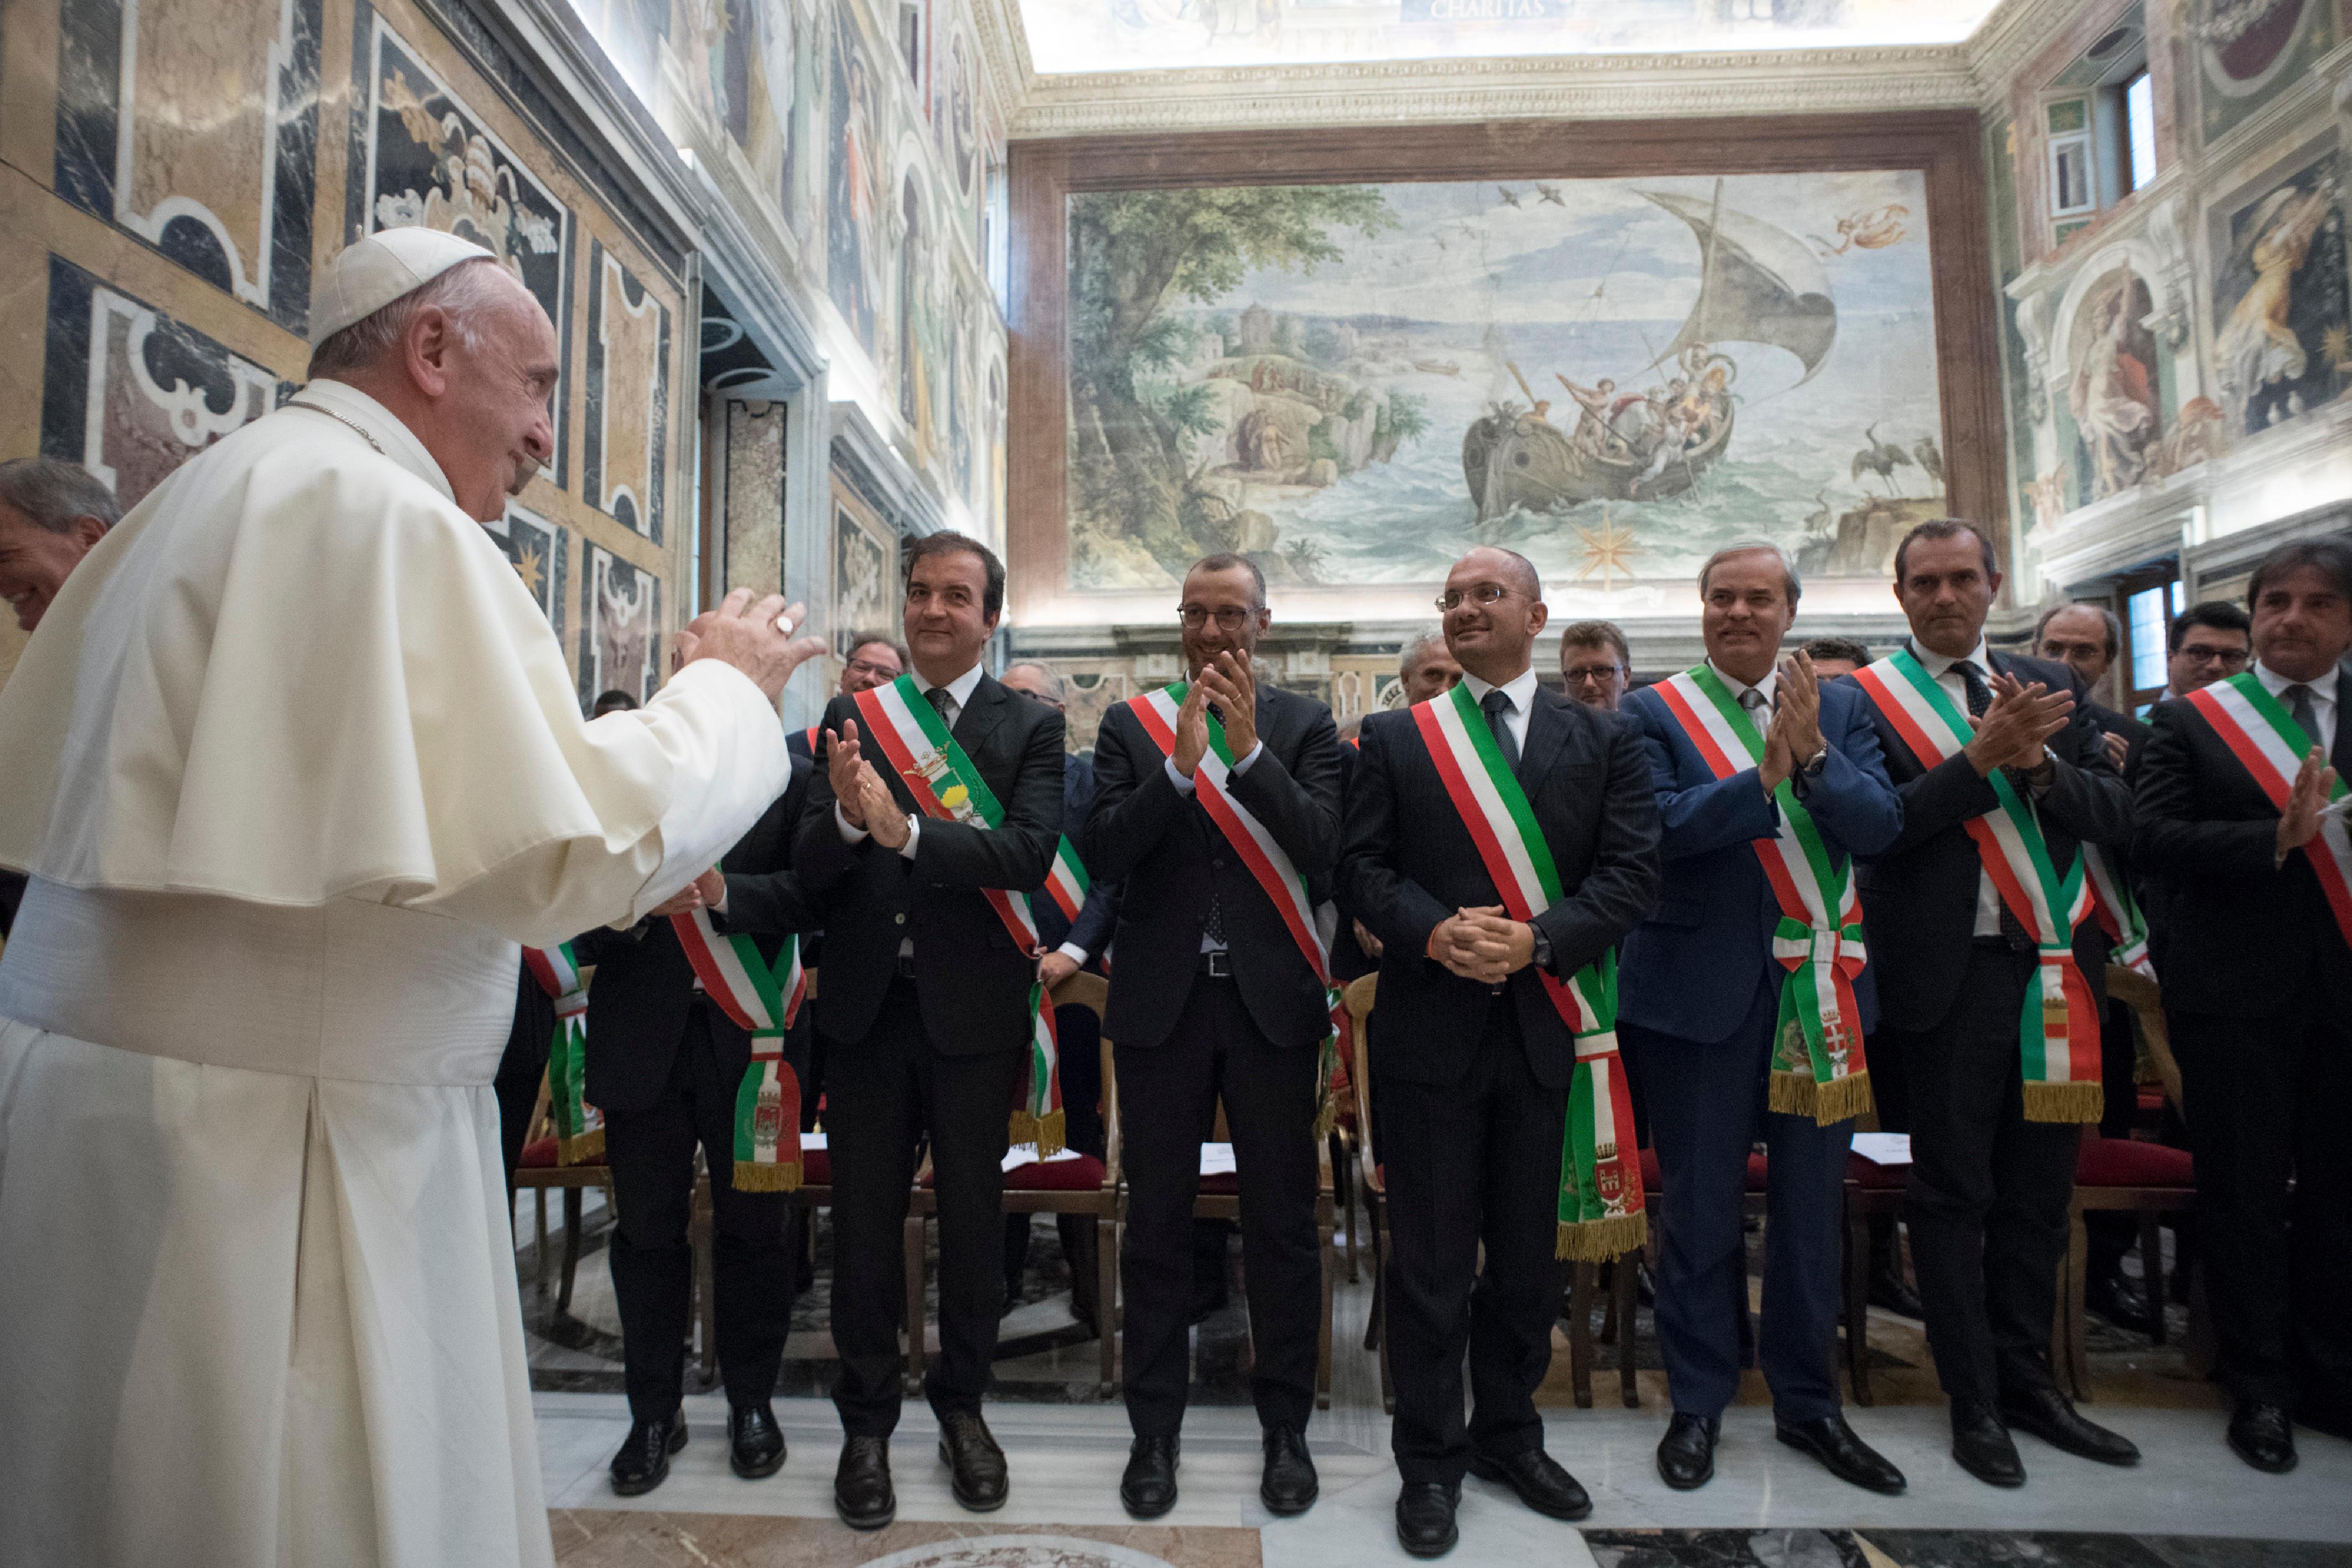 Association des villes italiennes © L'Osservatore Romano